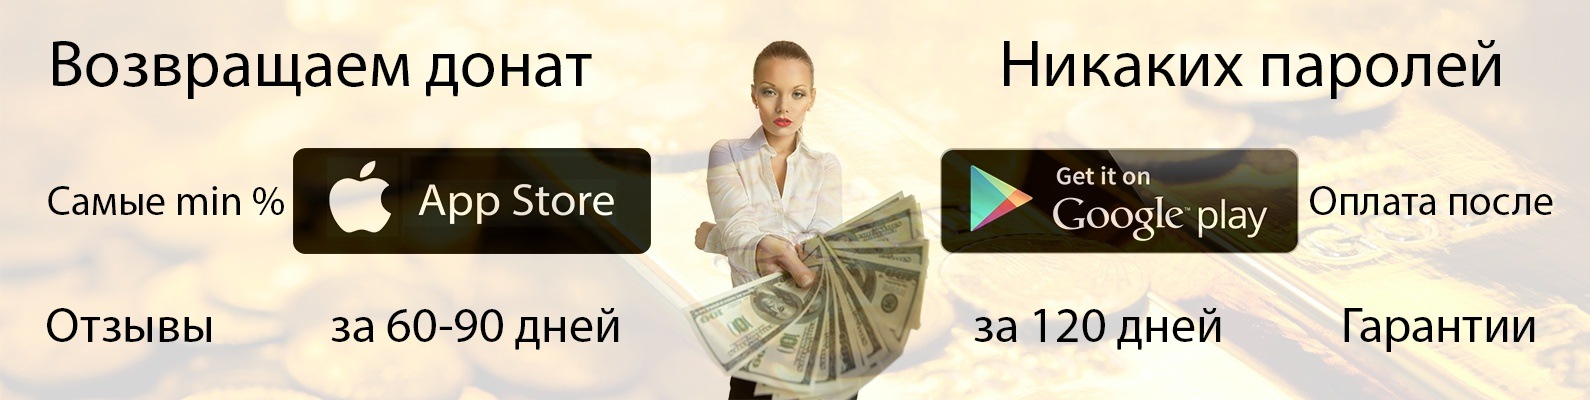 как вернуть деньги из плей маркета за донат в игре